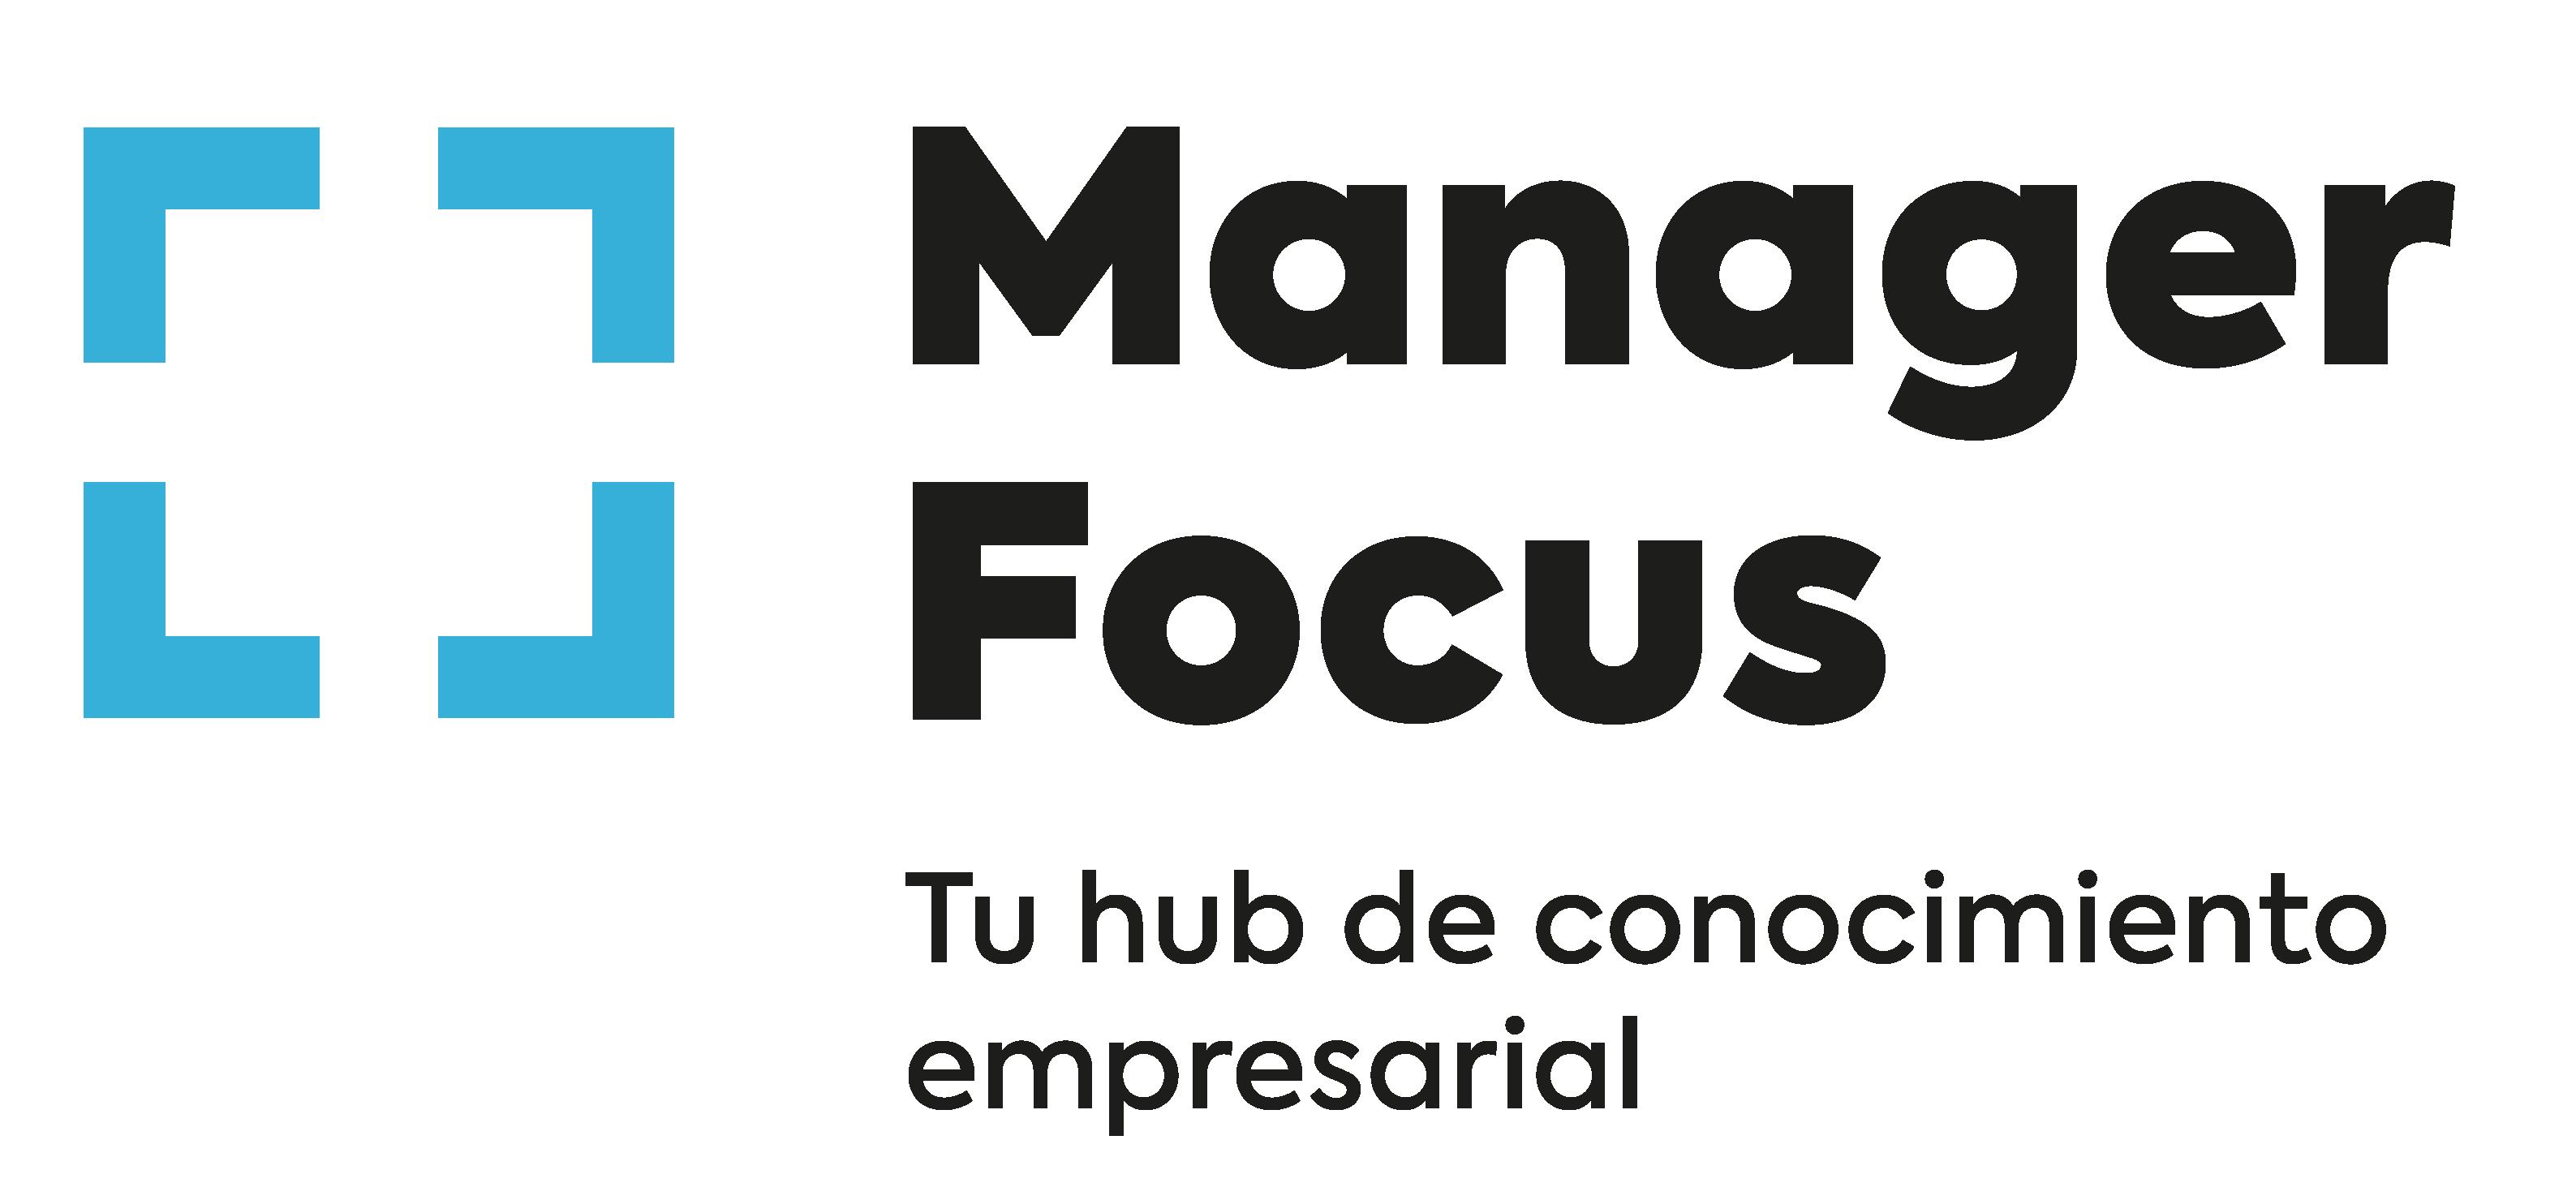 Manager Focus | Tu hub de conocimiento empresarial